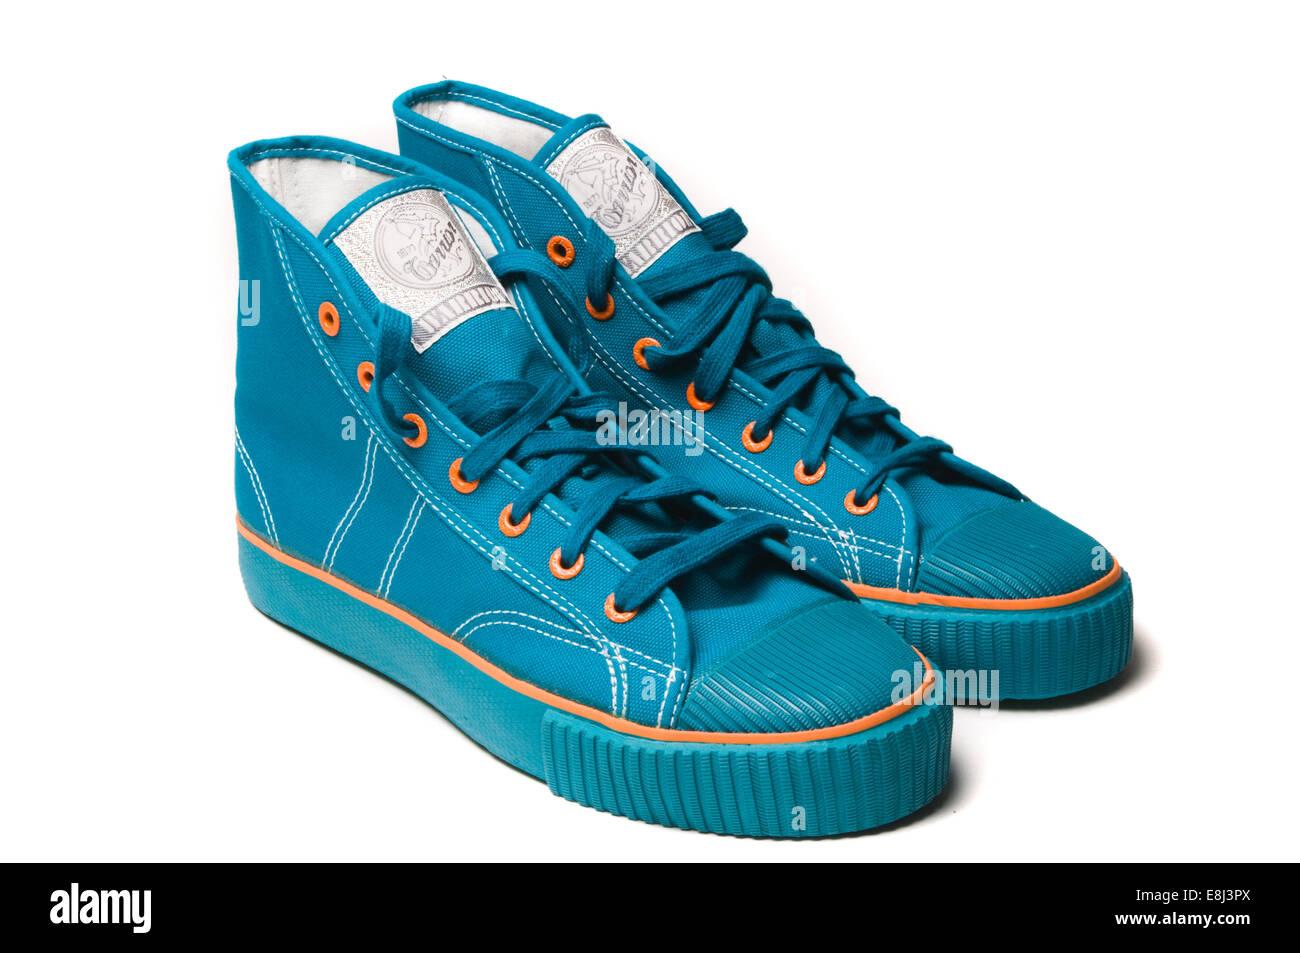 Sneakers alta cima hightop formatori boot lacci delle scarpe nuove scarpe scarpe da basket formazione warrior guerrieri Immagini Stock